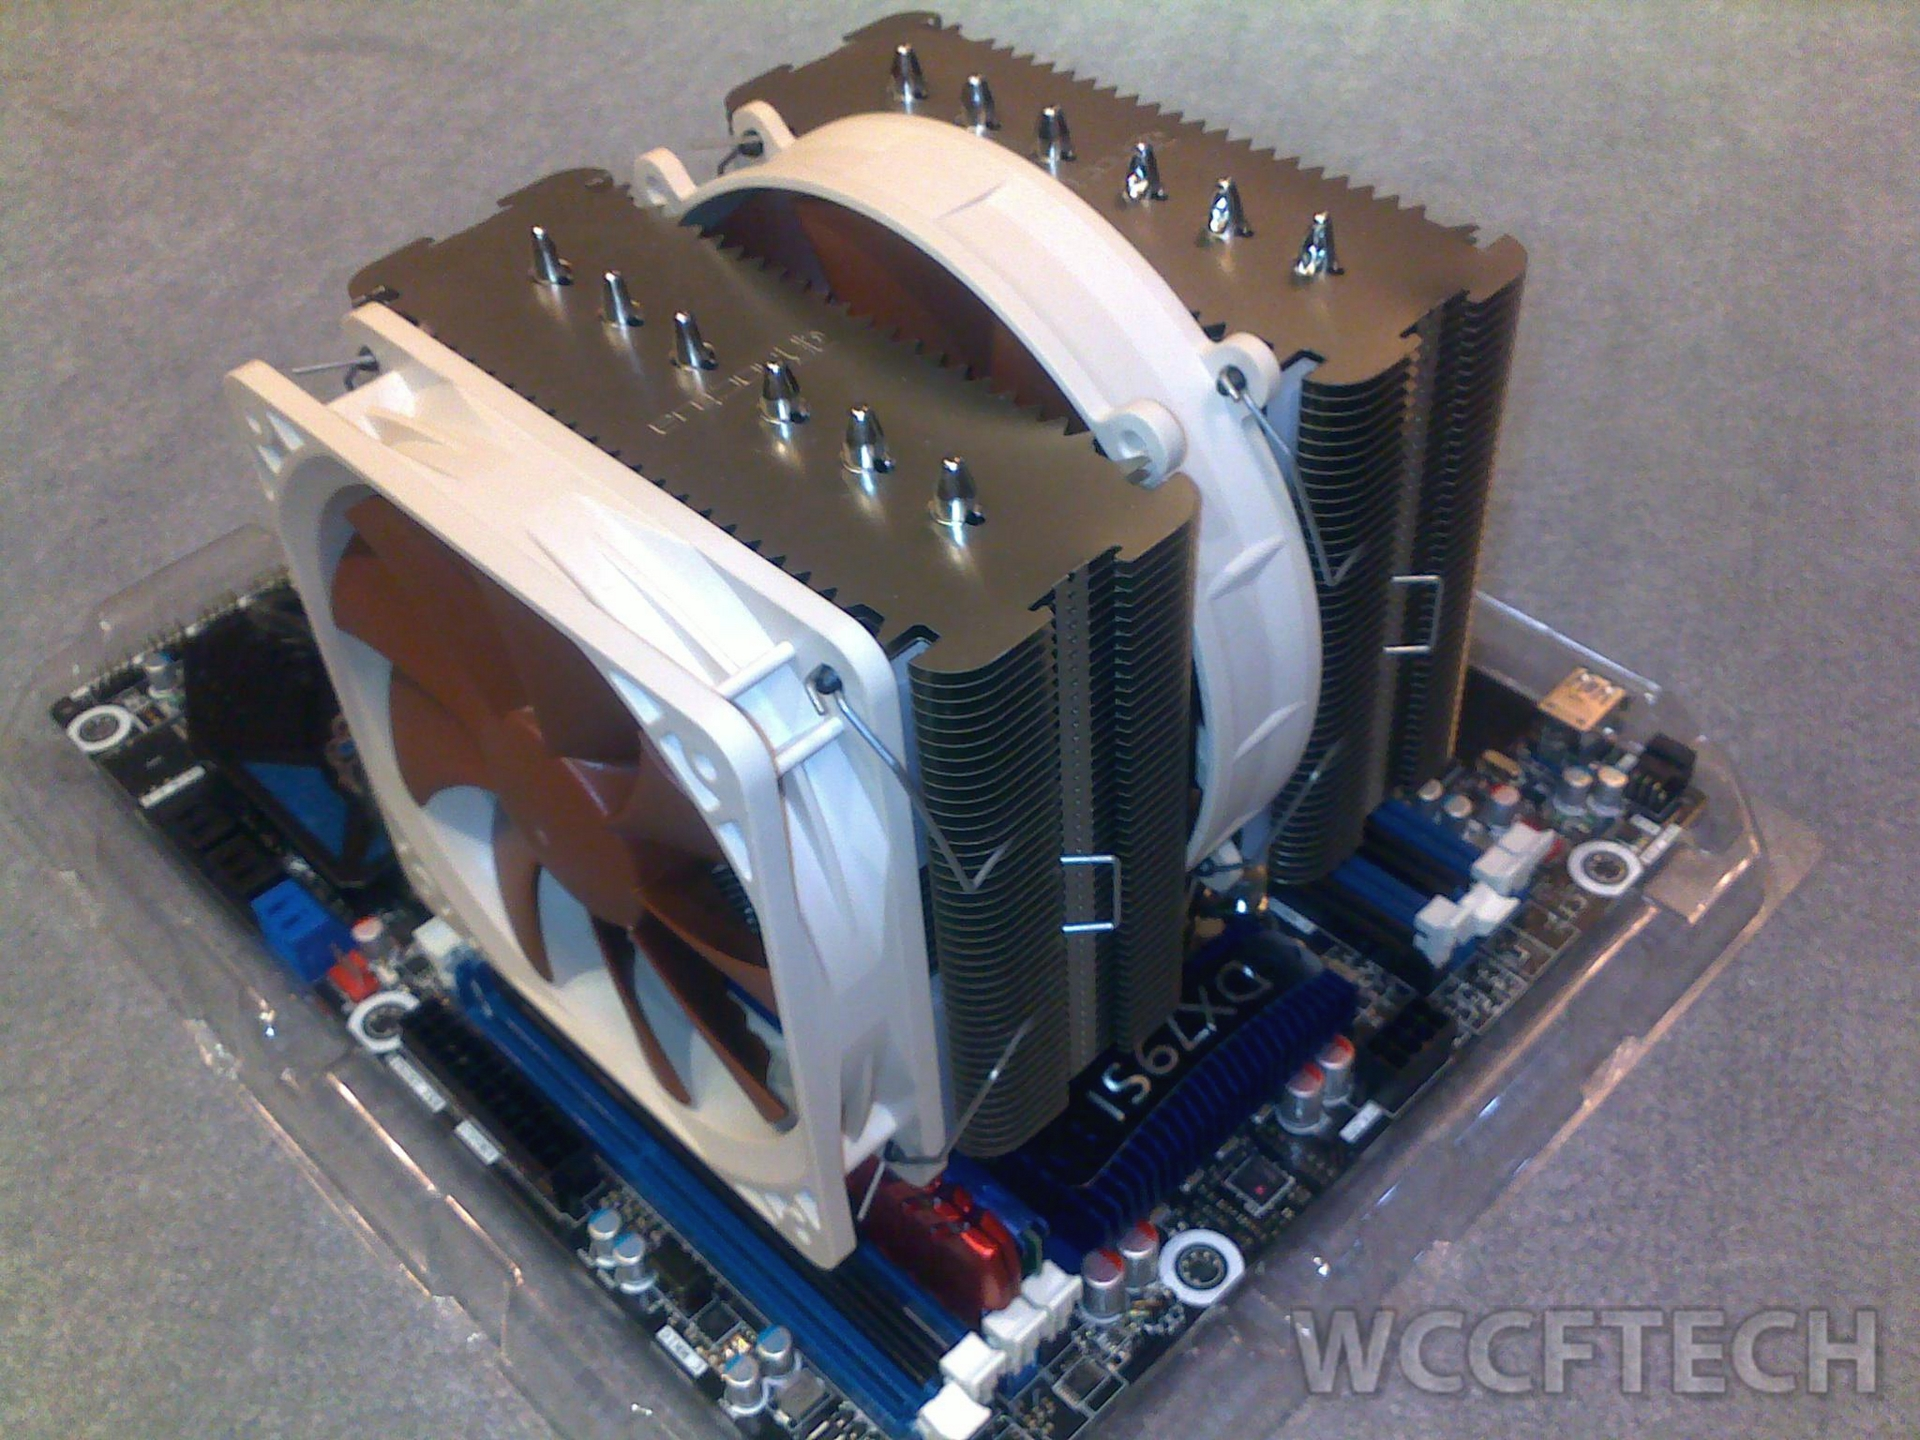 Noctua NH-D14 Air Cooler On LGA 2011 Review